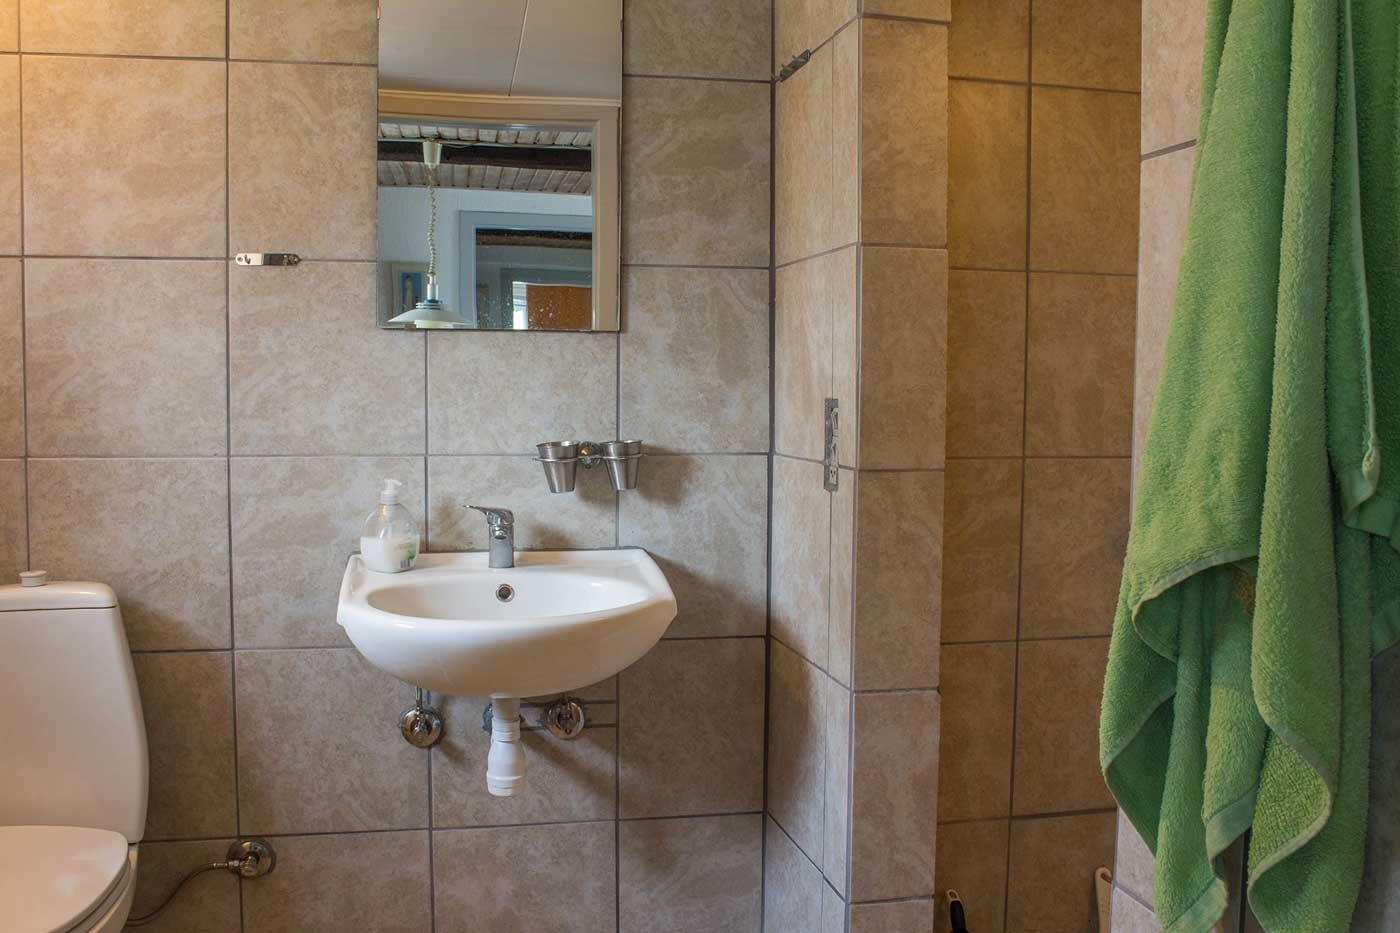 Badeværelset i lejligheden med god plads og store bruseniche